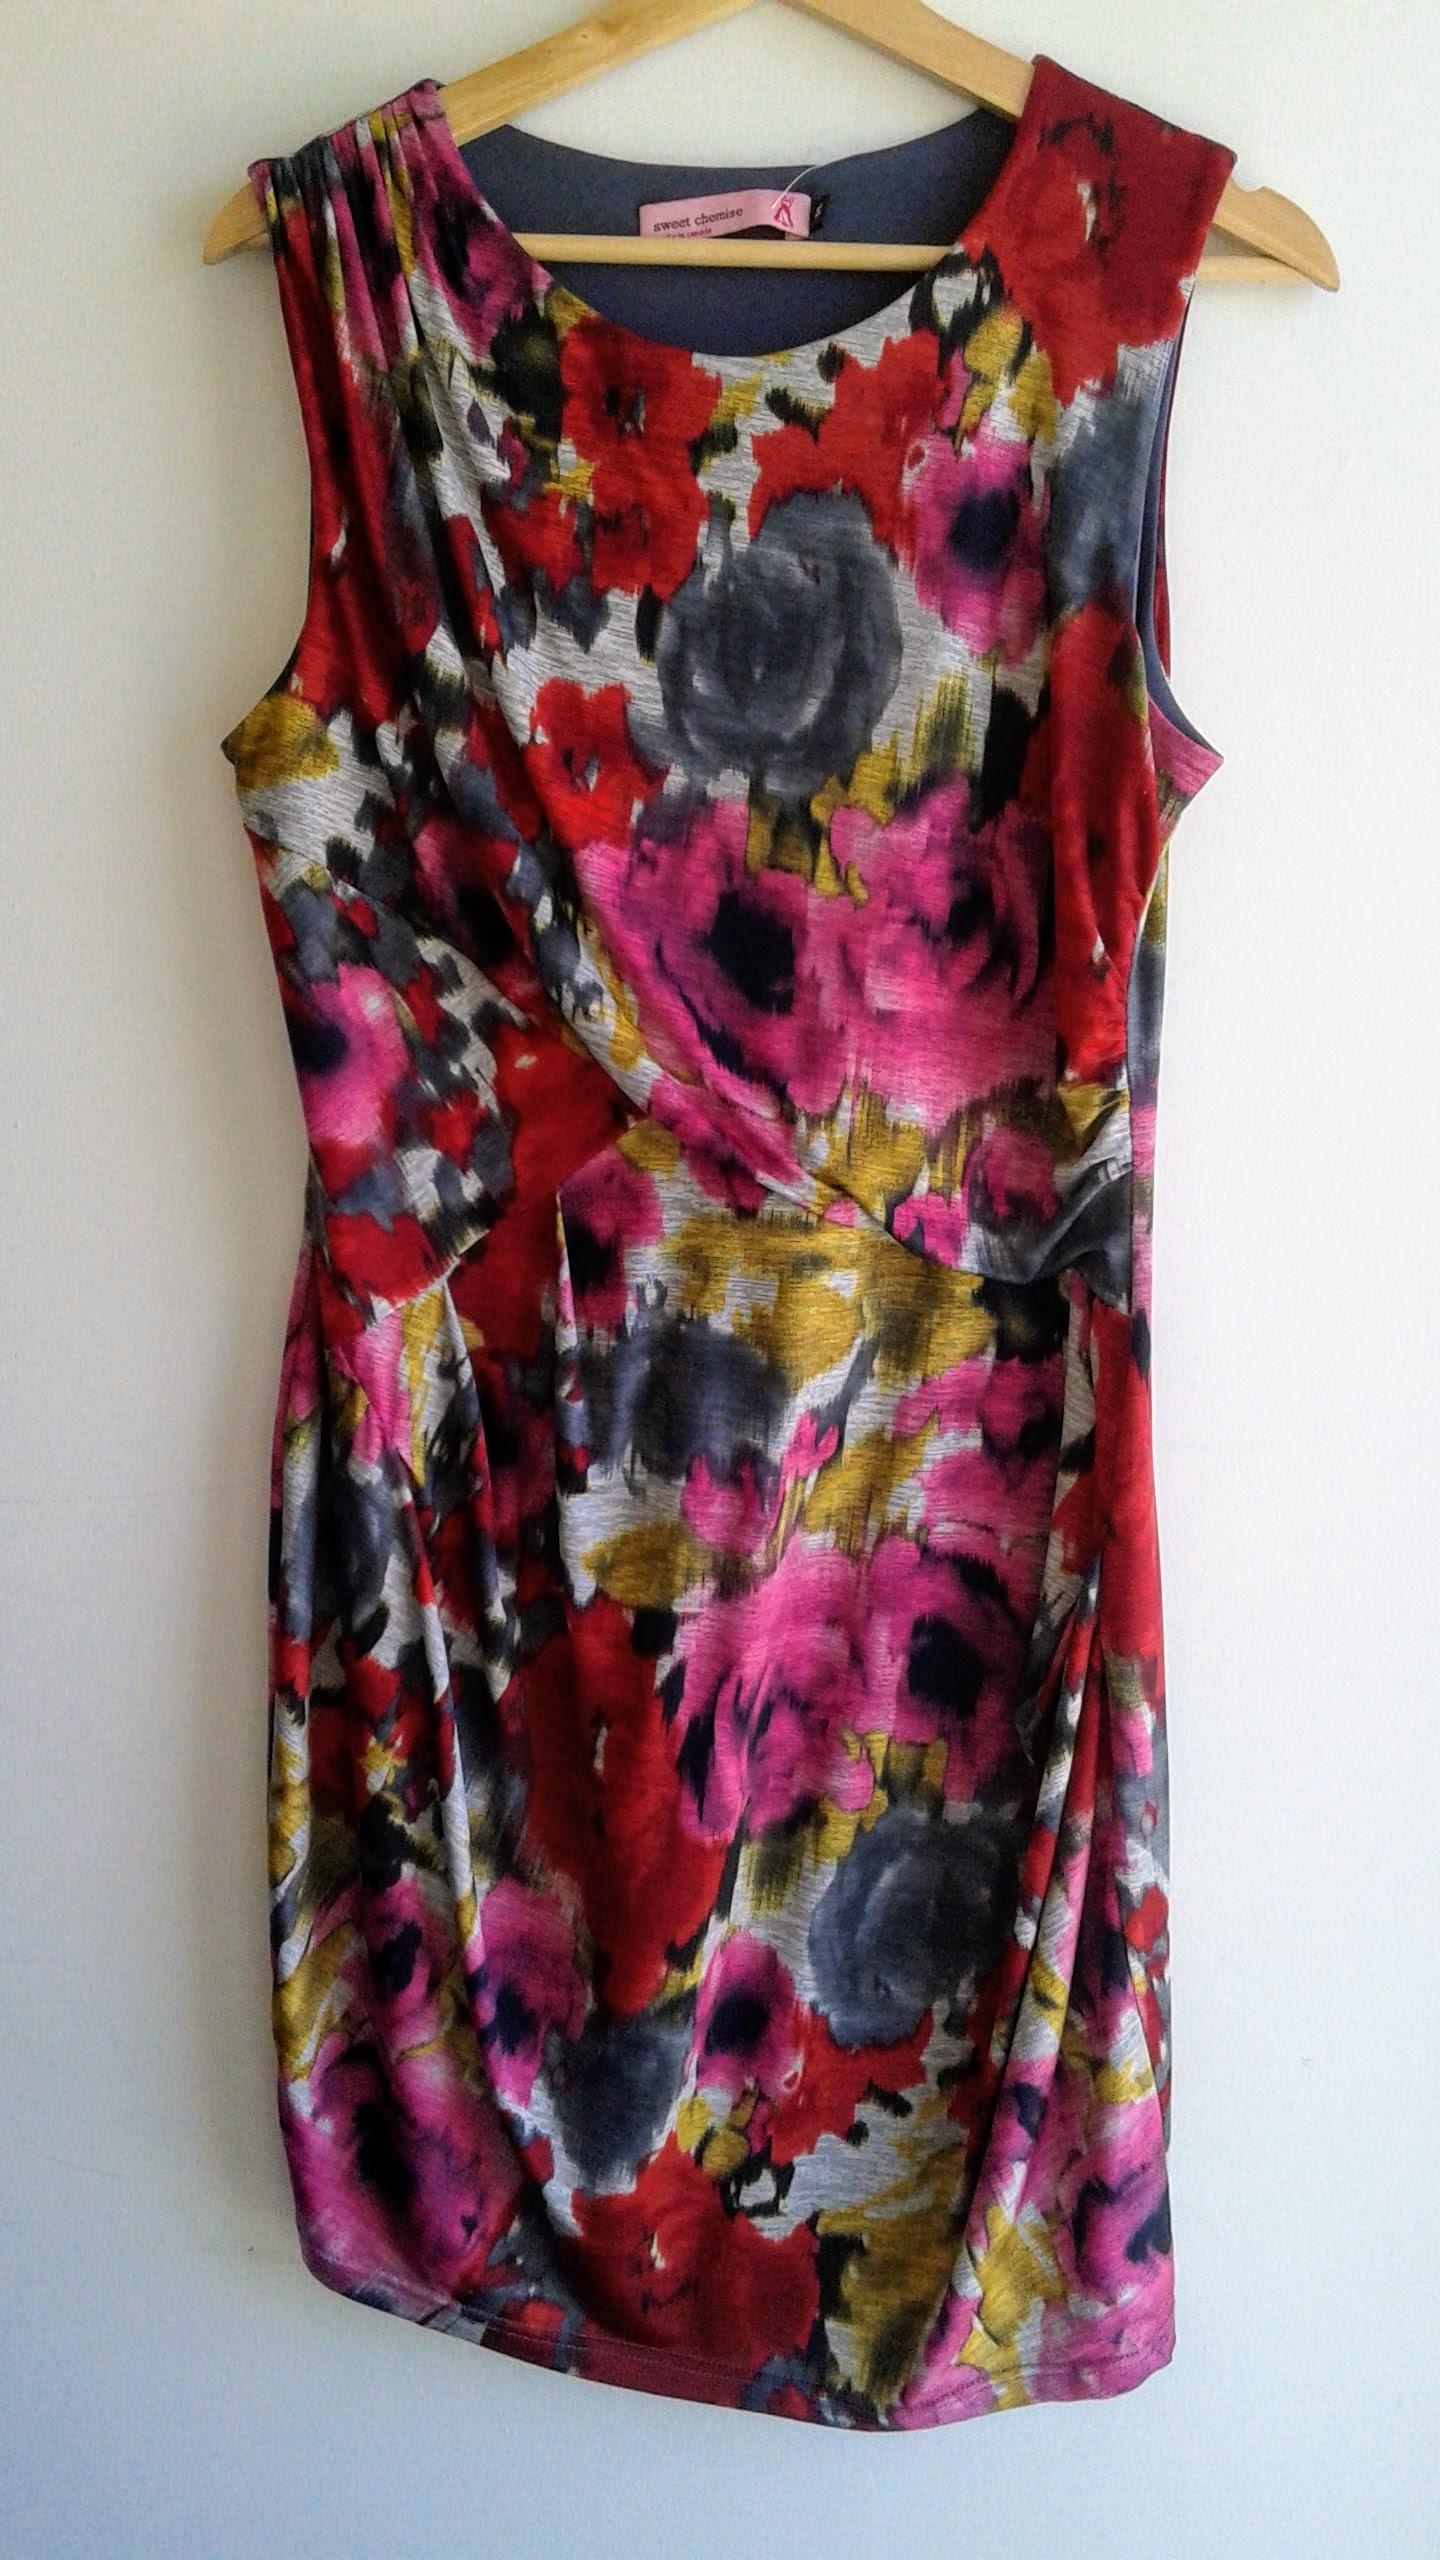 Sweet Chemise dress; Size M, $28